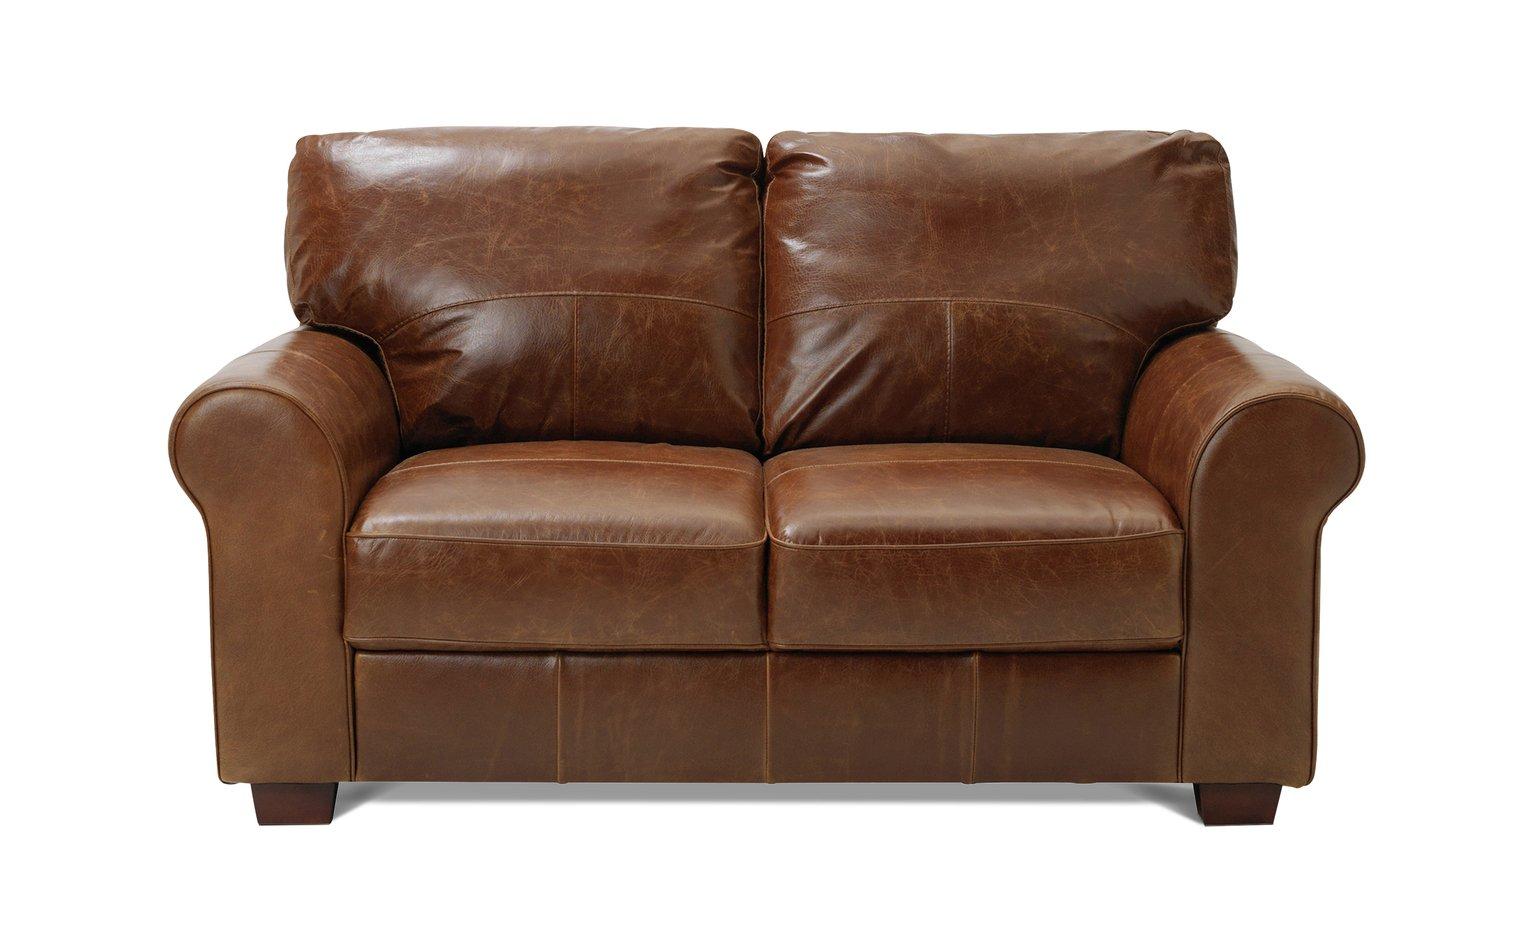 Bon Buy Argos Home Salisbury 2 Seater Leather Sofa   Tan | Sofas | Argos